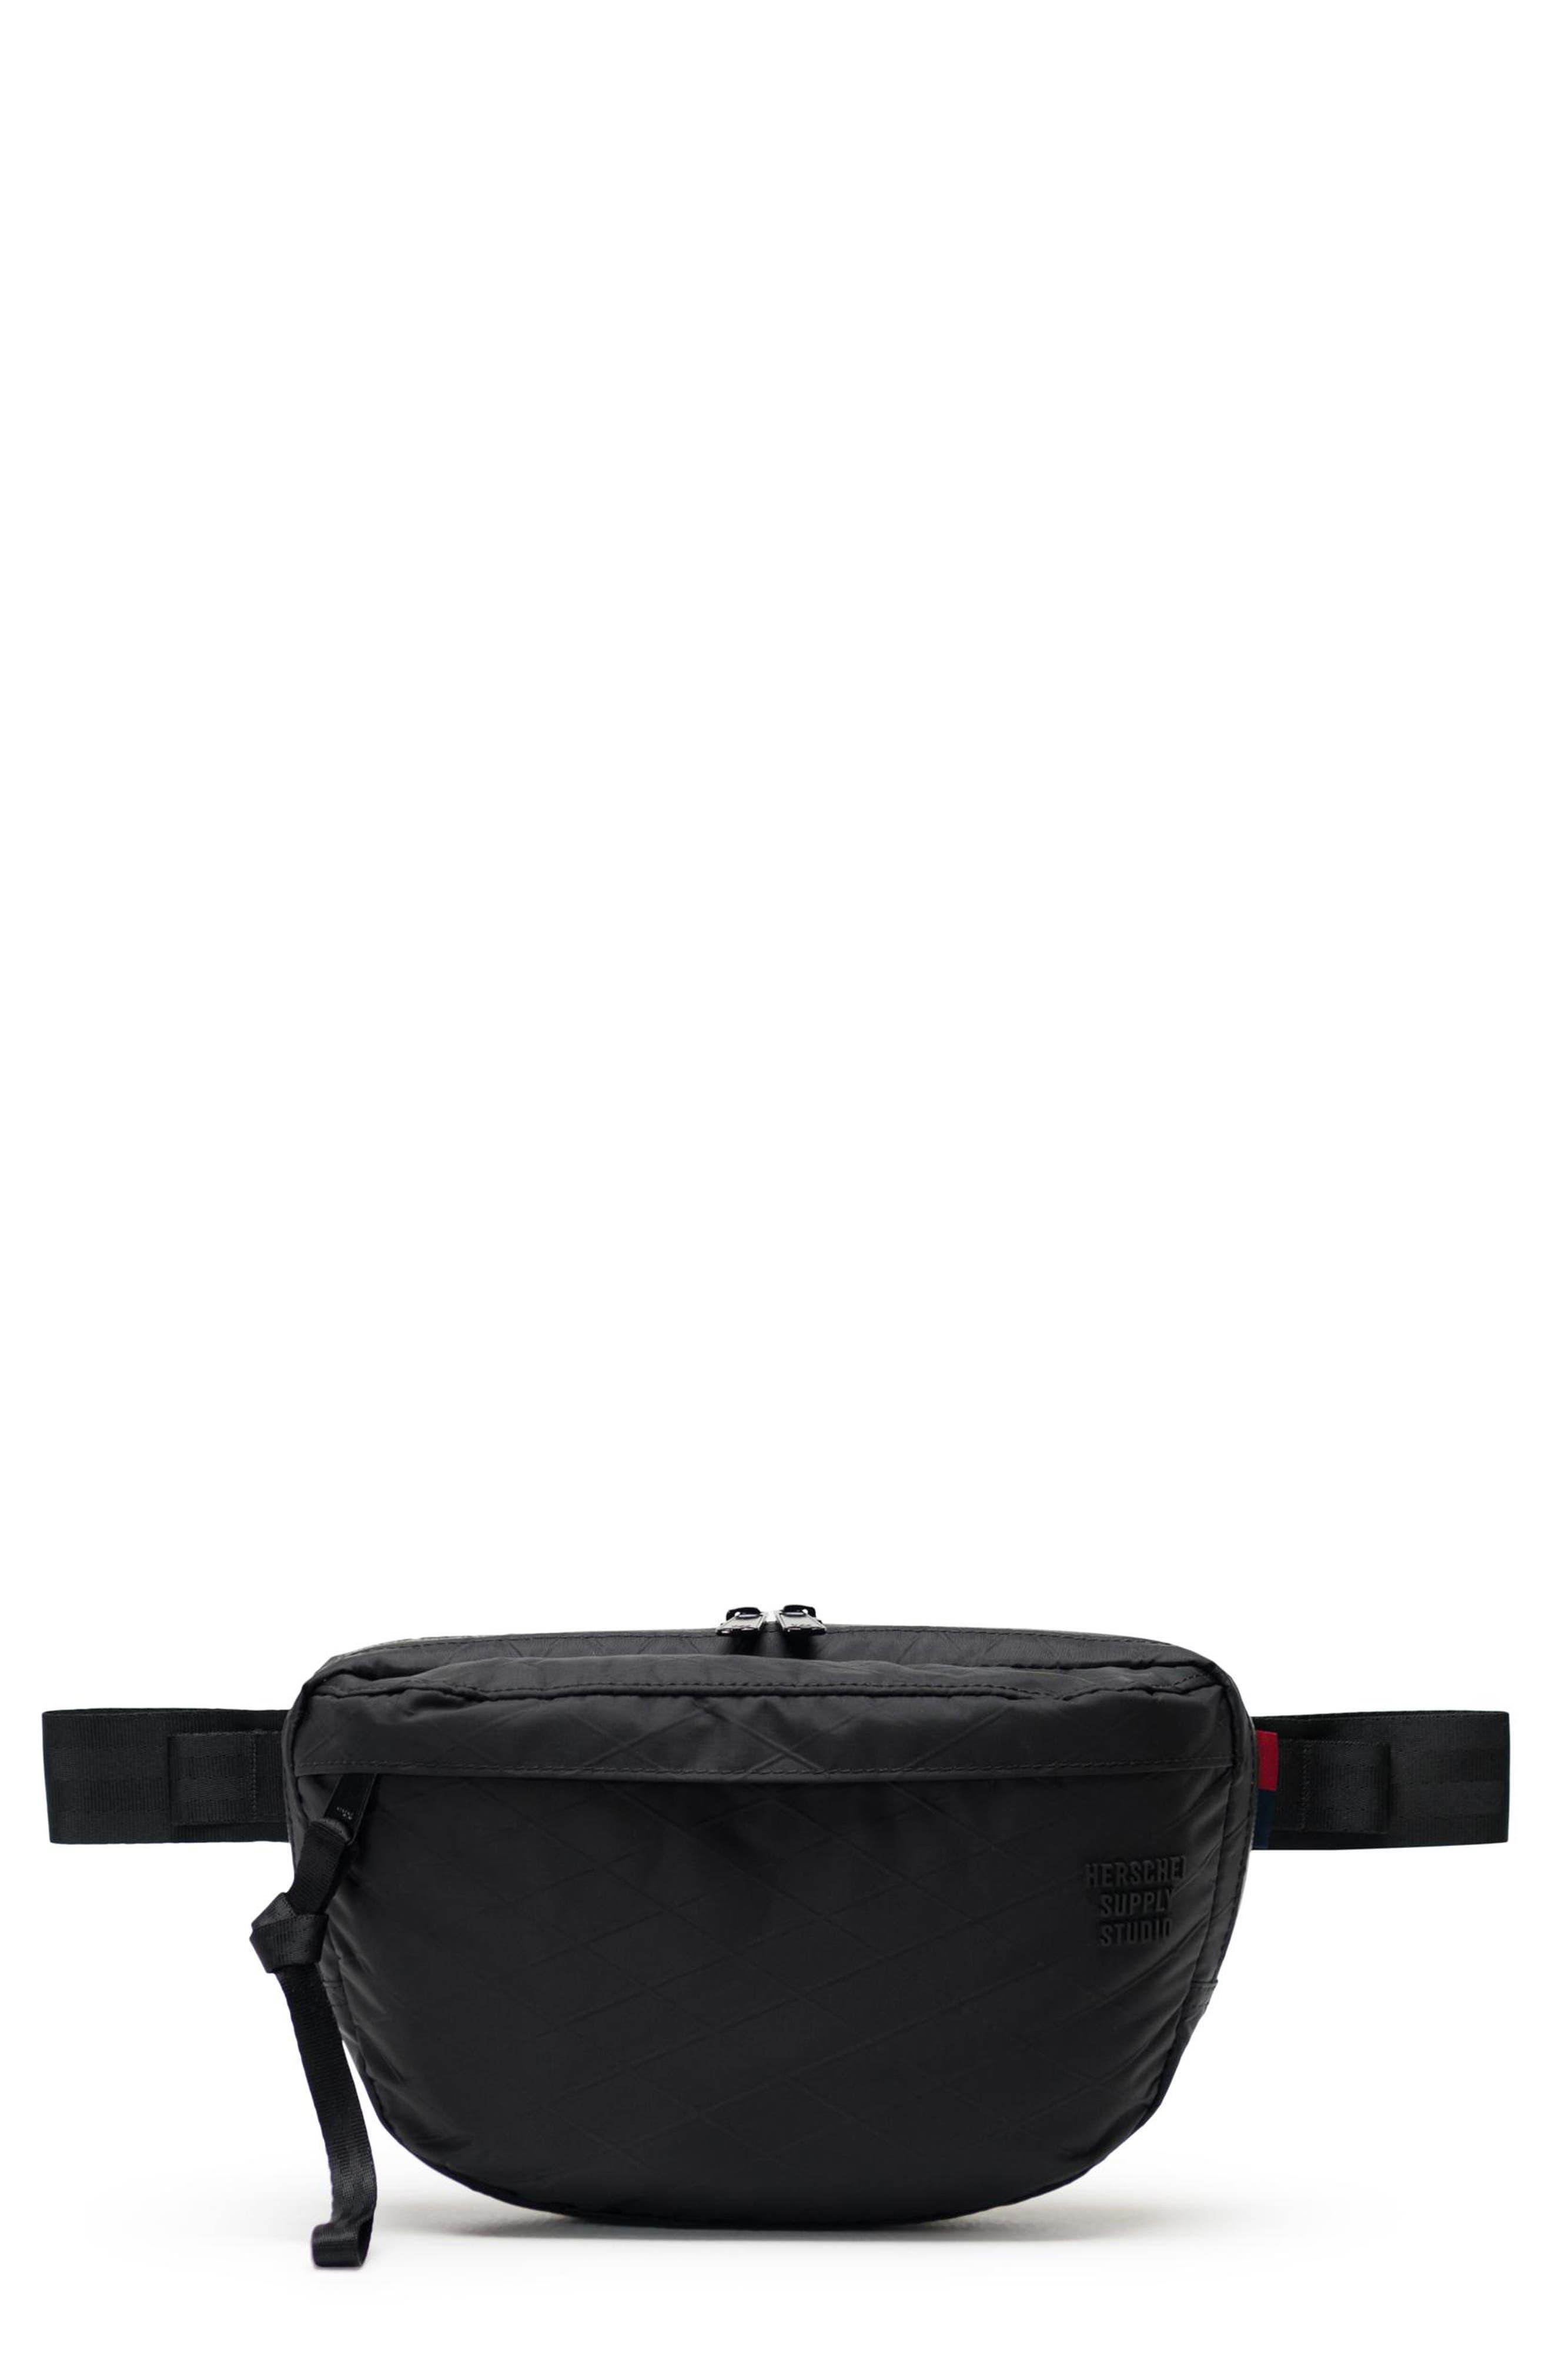 HERSCHEL SUPPLY CO. Nineteen Studio Belt Bag, Main, color, BLACK